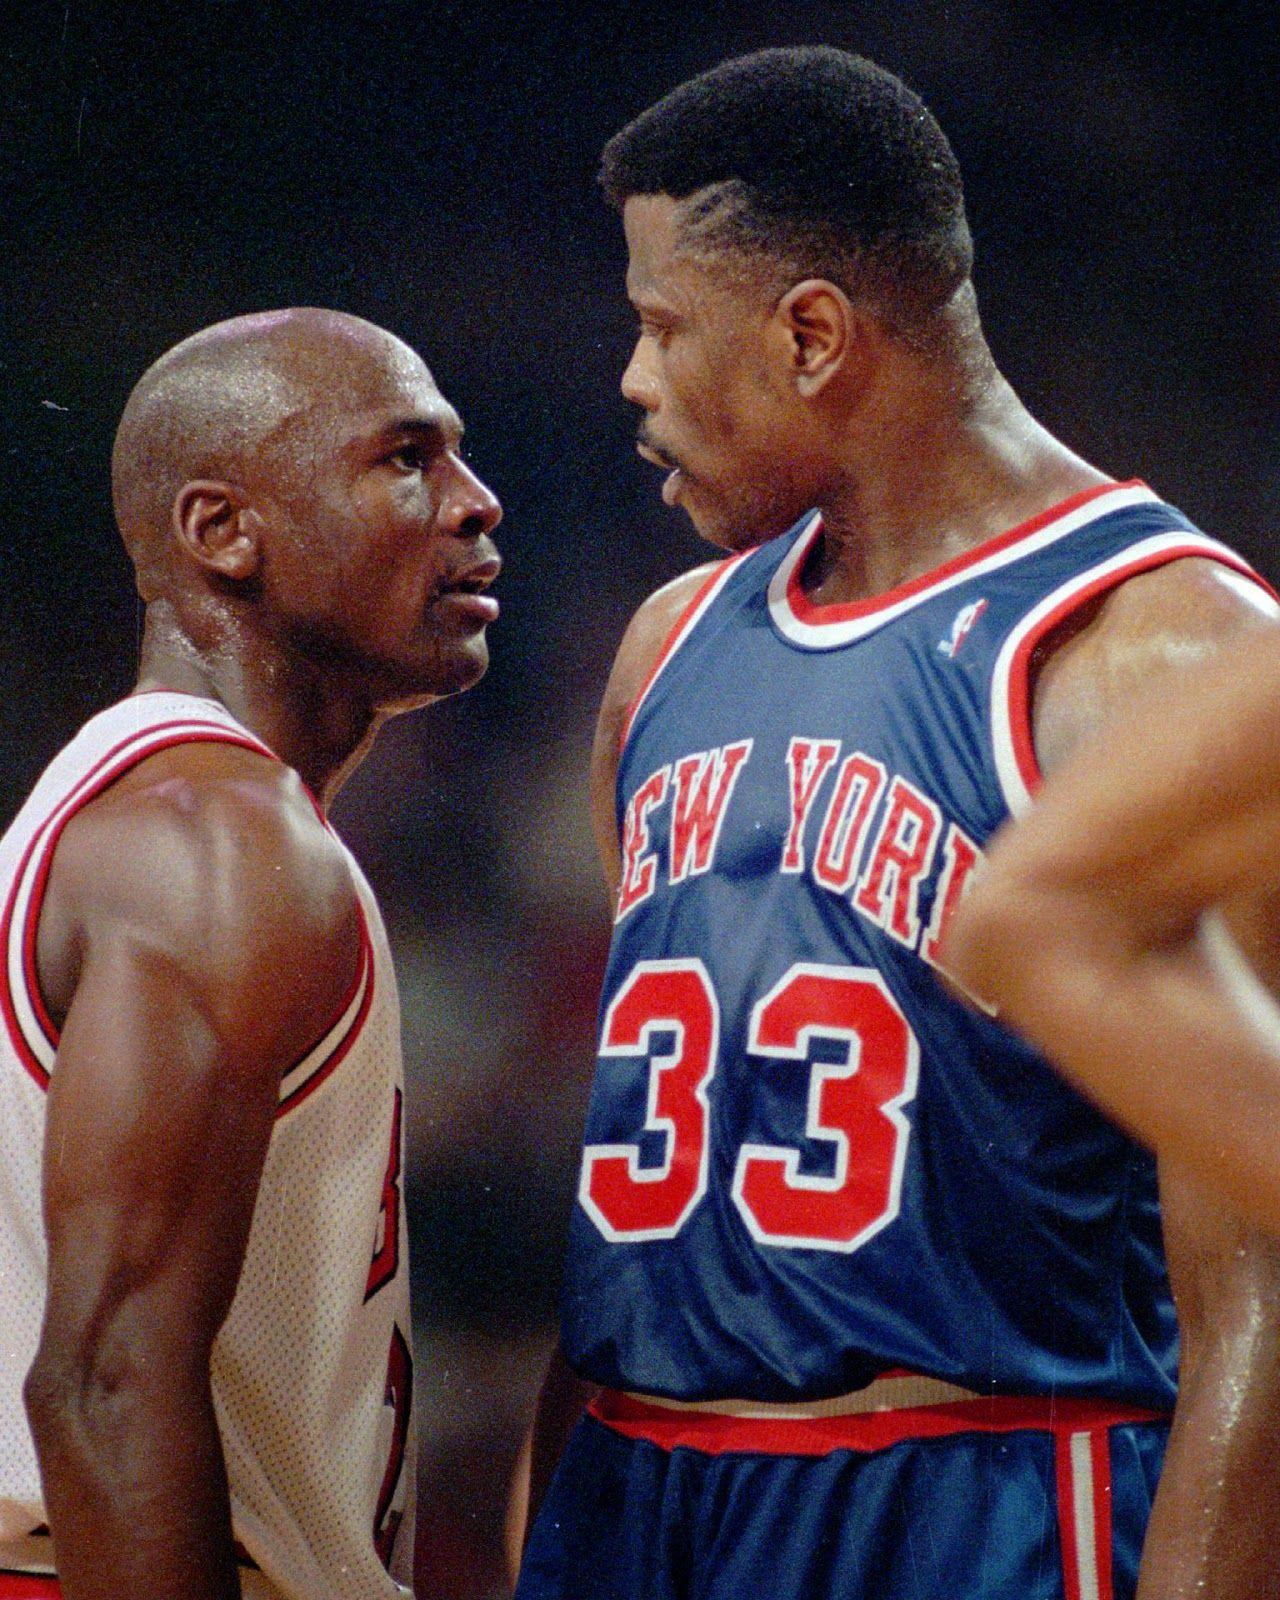 生不逢時!90年代的五大無冕之王,因為喬神,他們終生無冠!-籃球圈